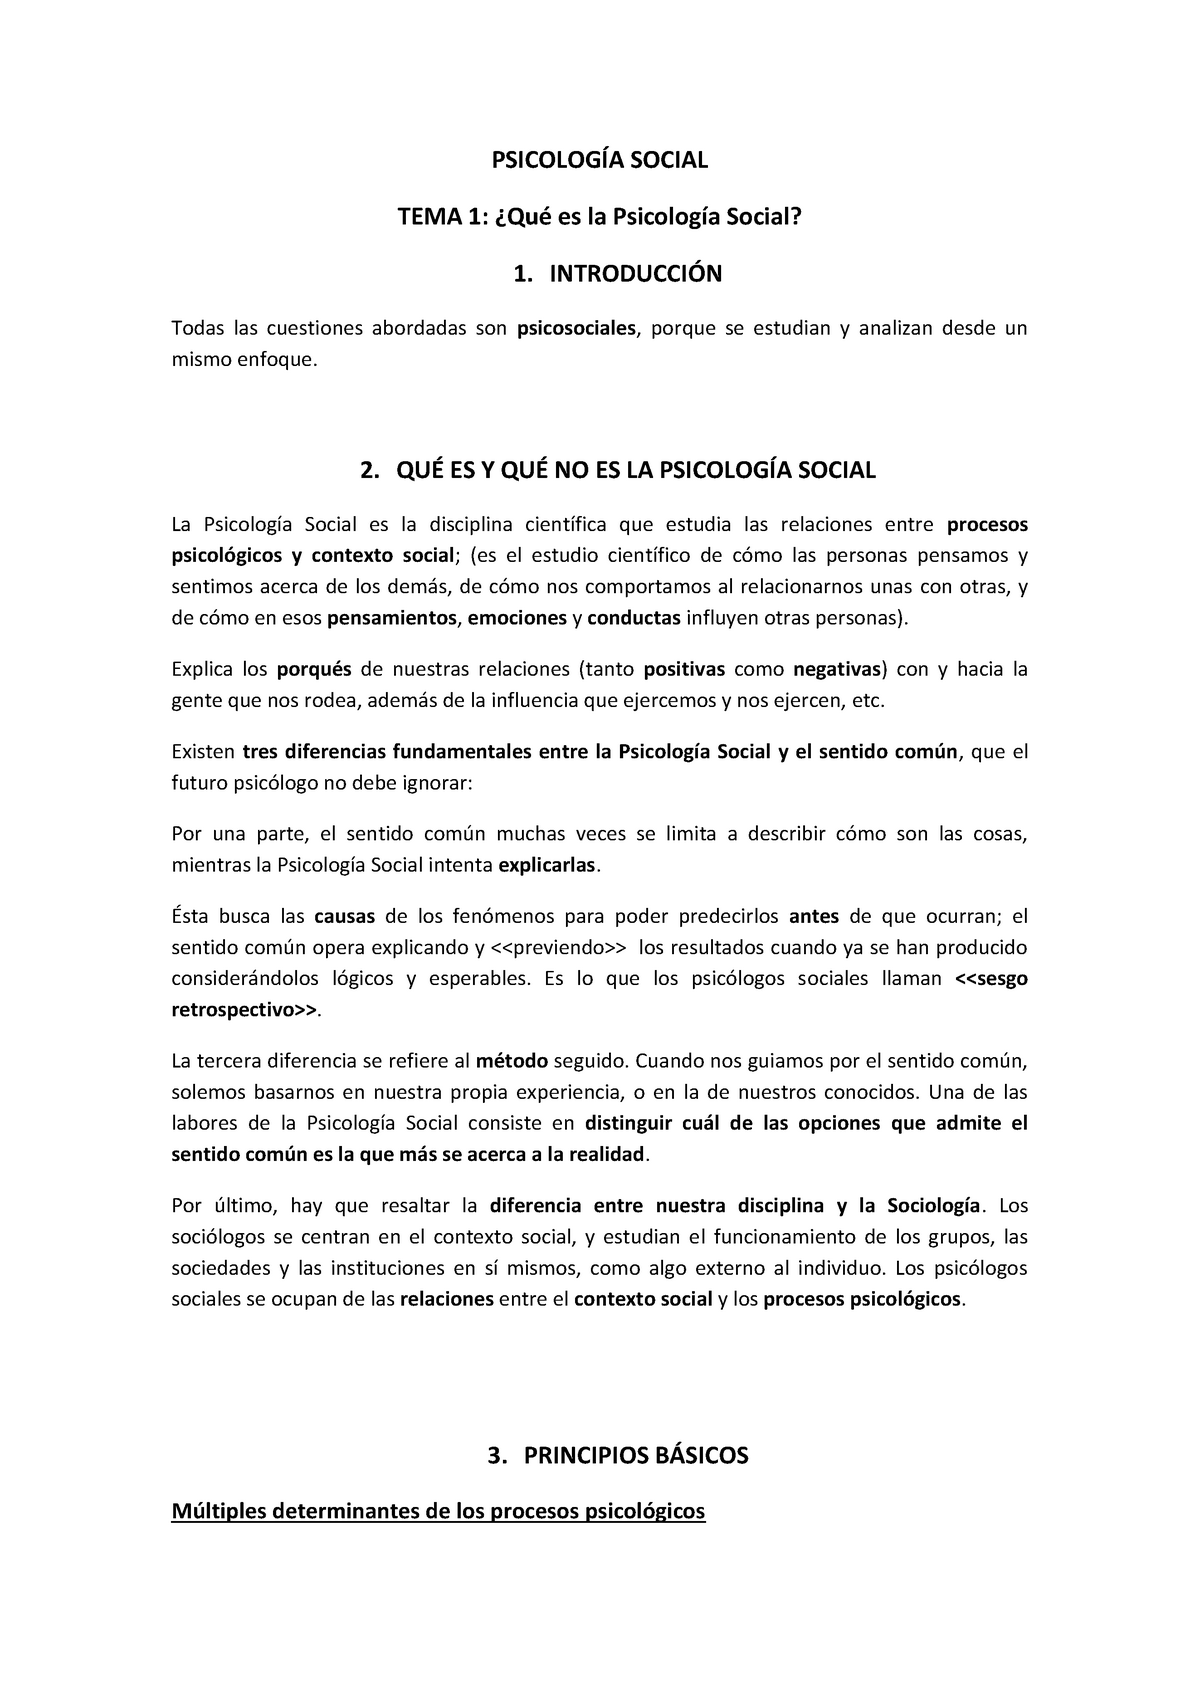 86effe6ad Resumen Introducción A La Psicología Social 01 Jun 2016 - StuDocu